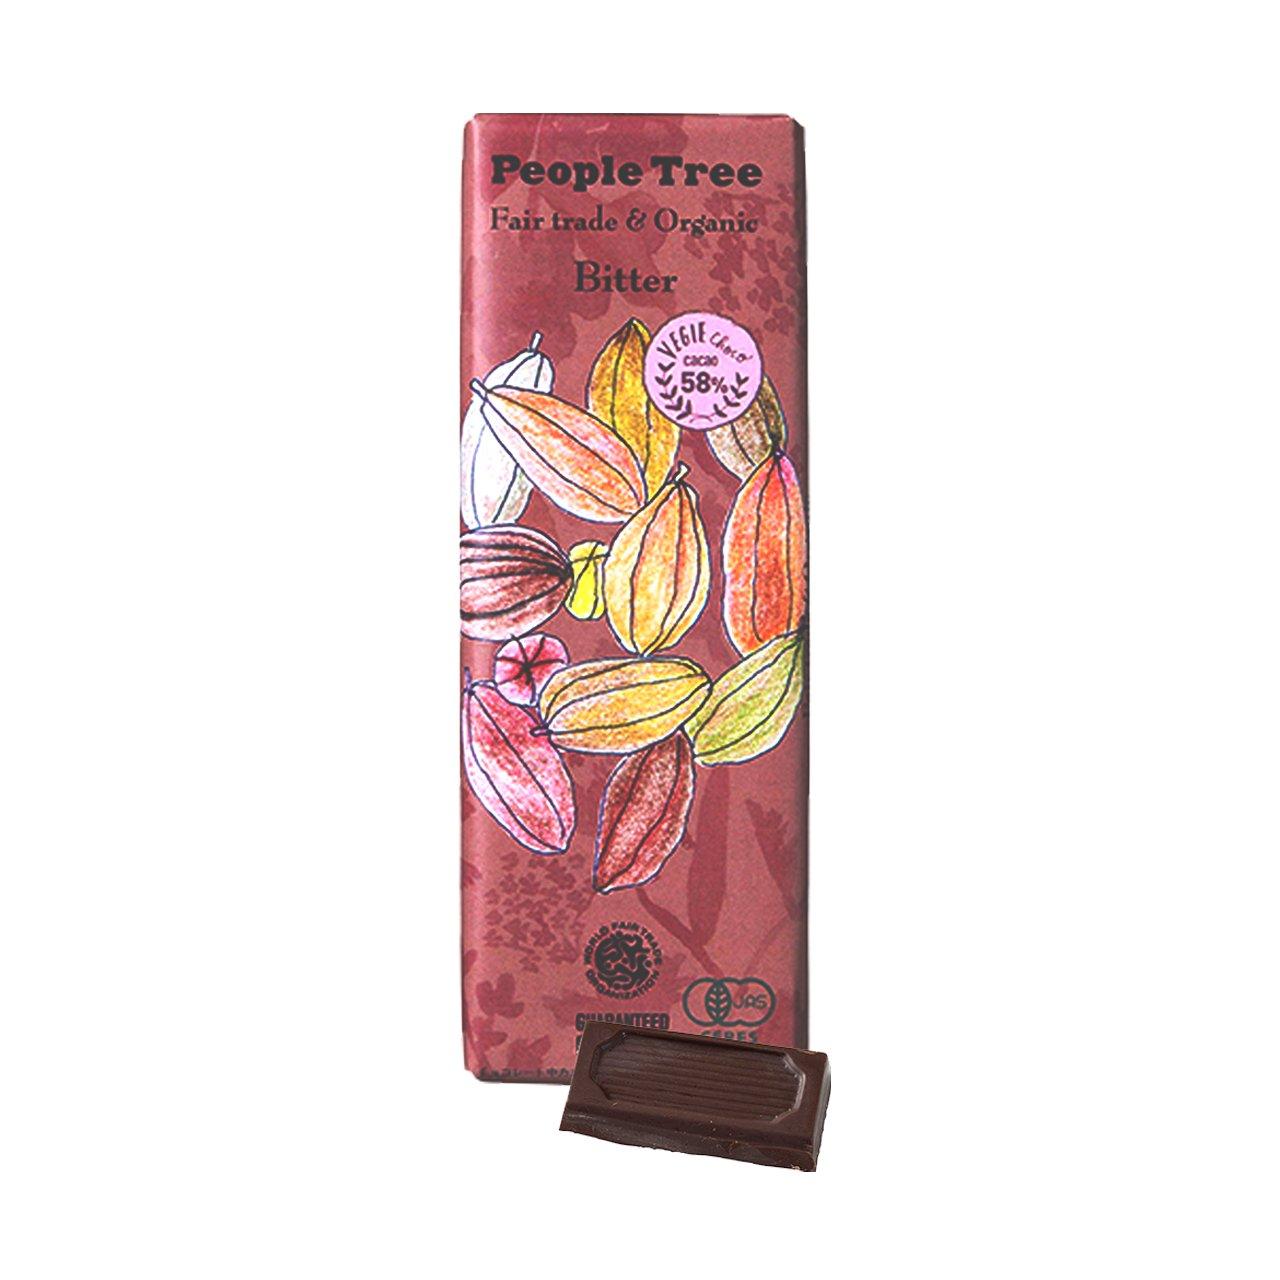 フェアトレード・板チョコレート オーガニック ビター【People Tree/ピープルツリー】